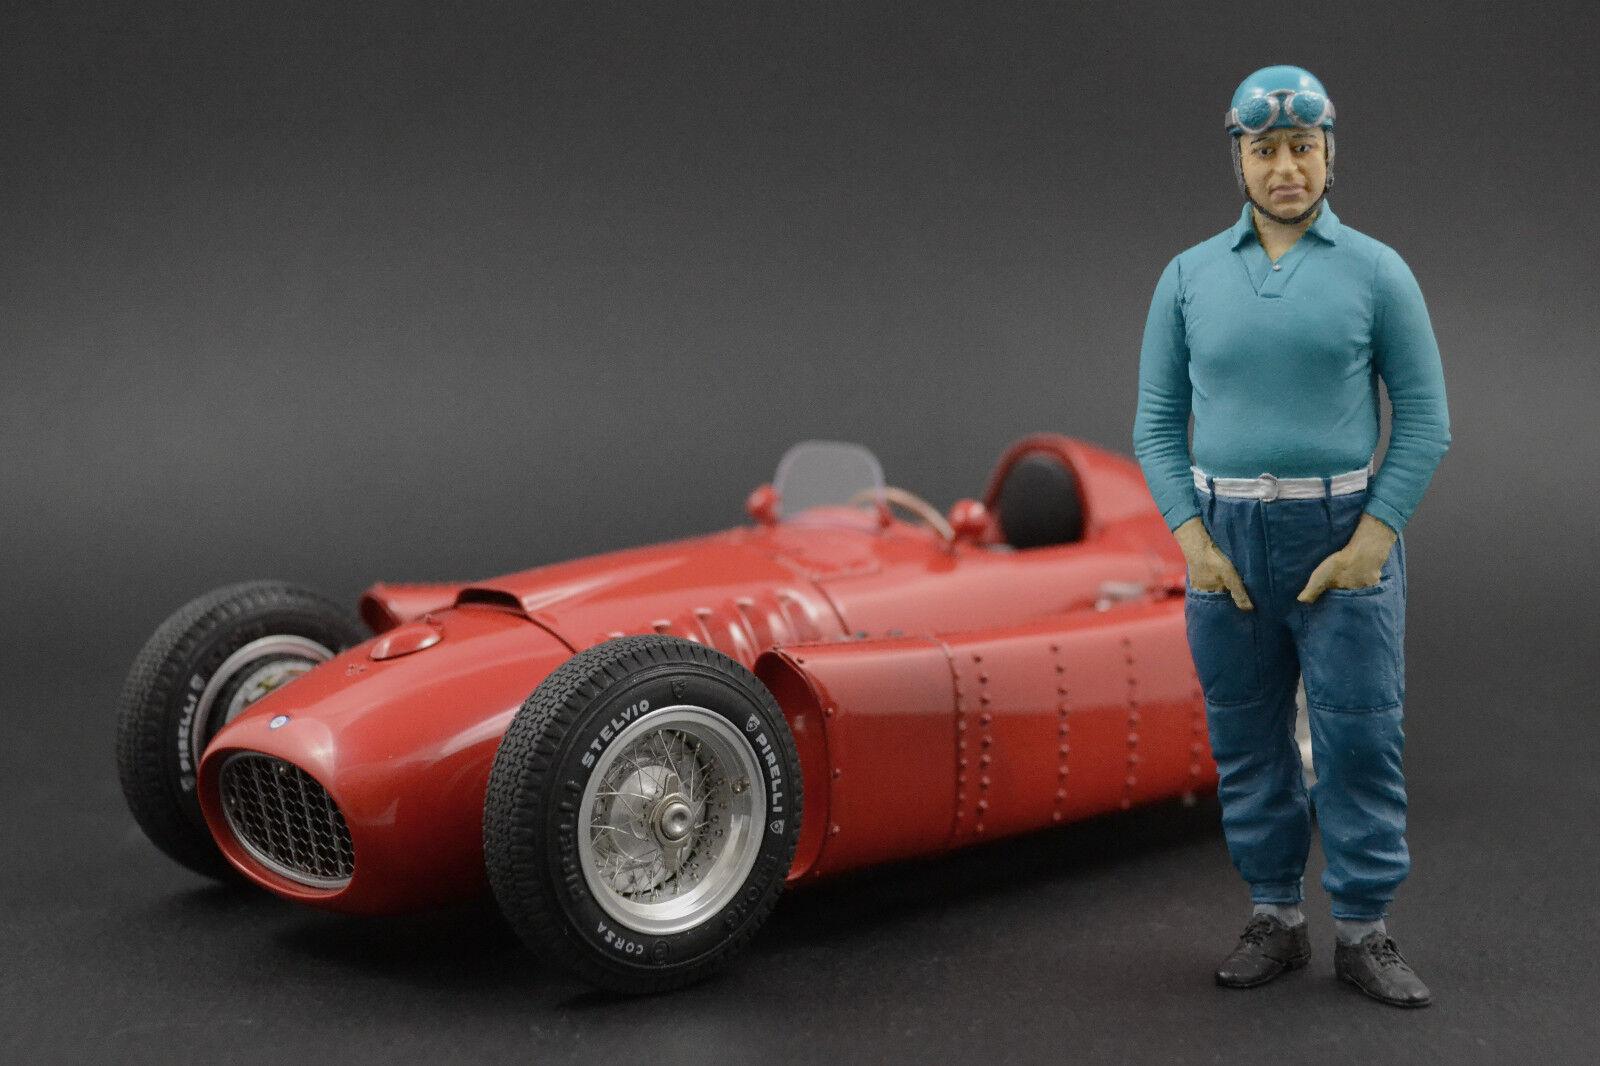 Alberto Ascari Figura per 1 18 CMC Ferrari 500 375 166 VERY RARE